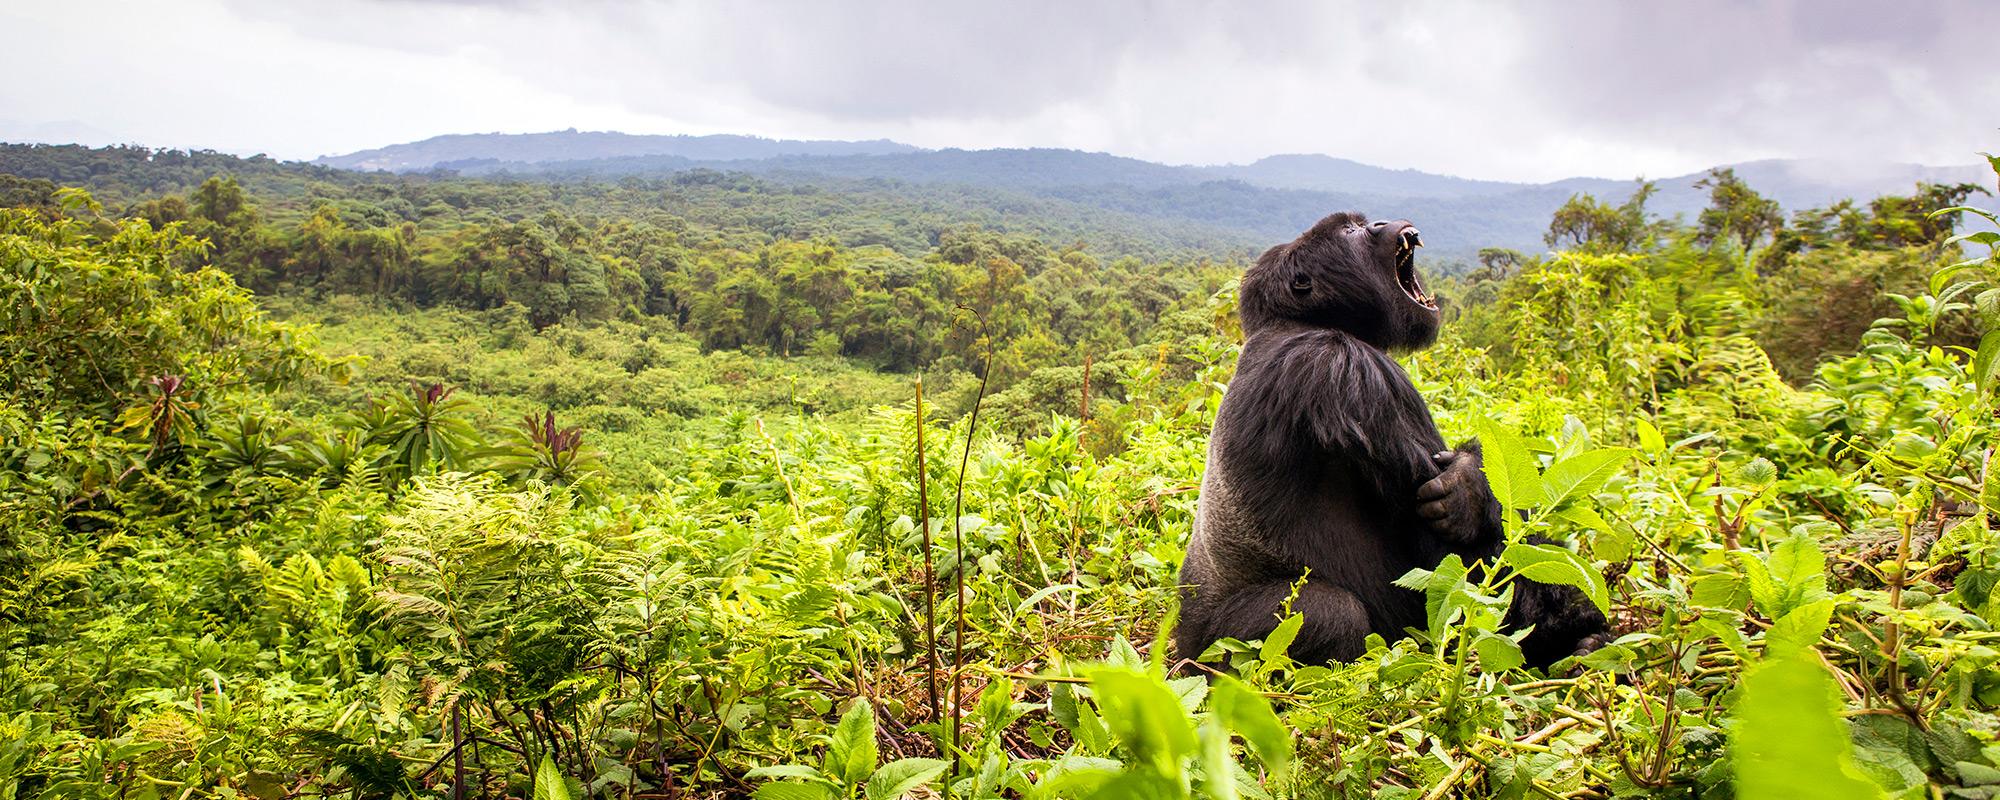 Rwanda_Gorilla_TeaganCunniffe